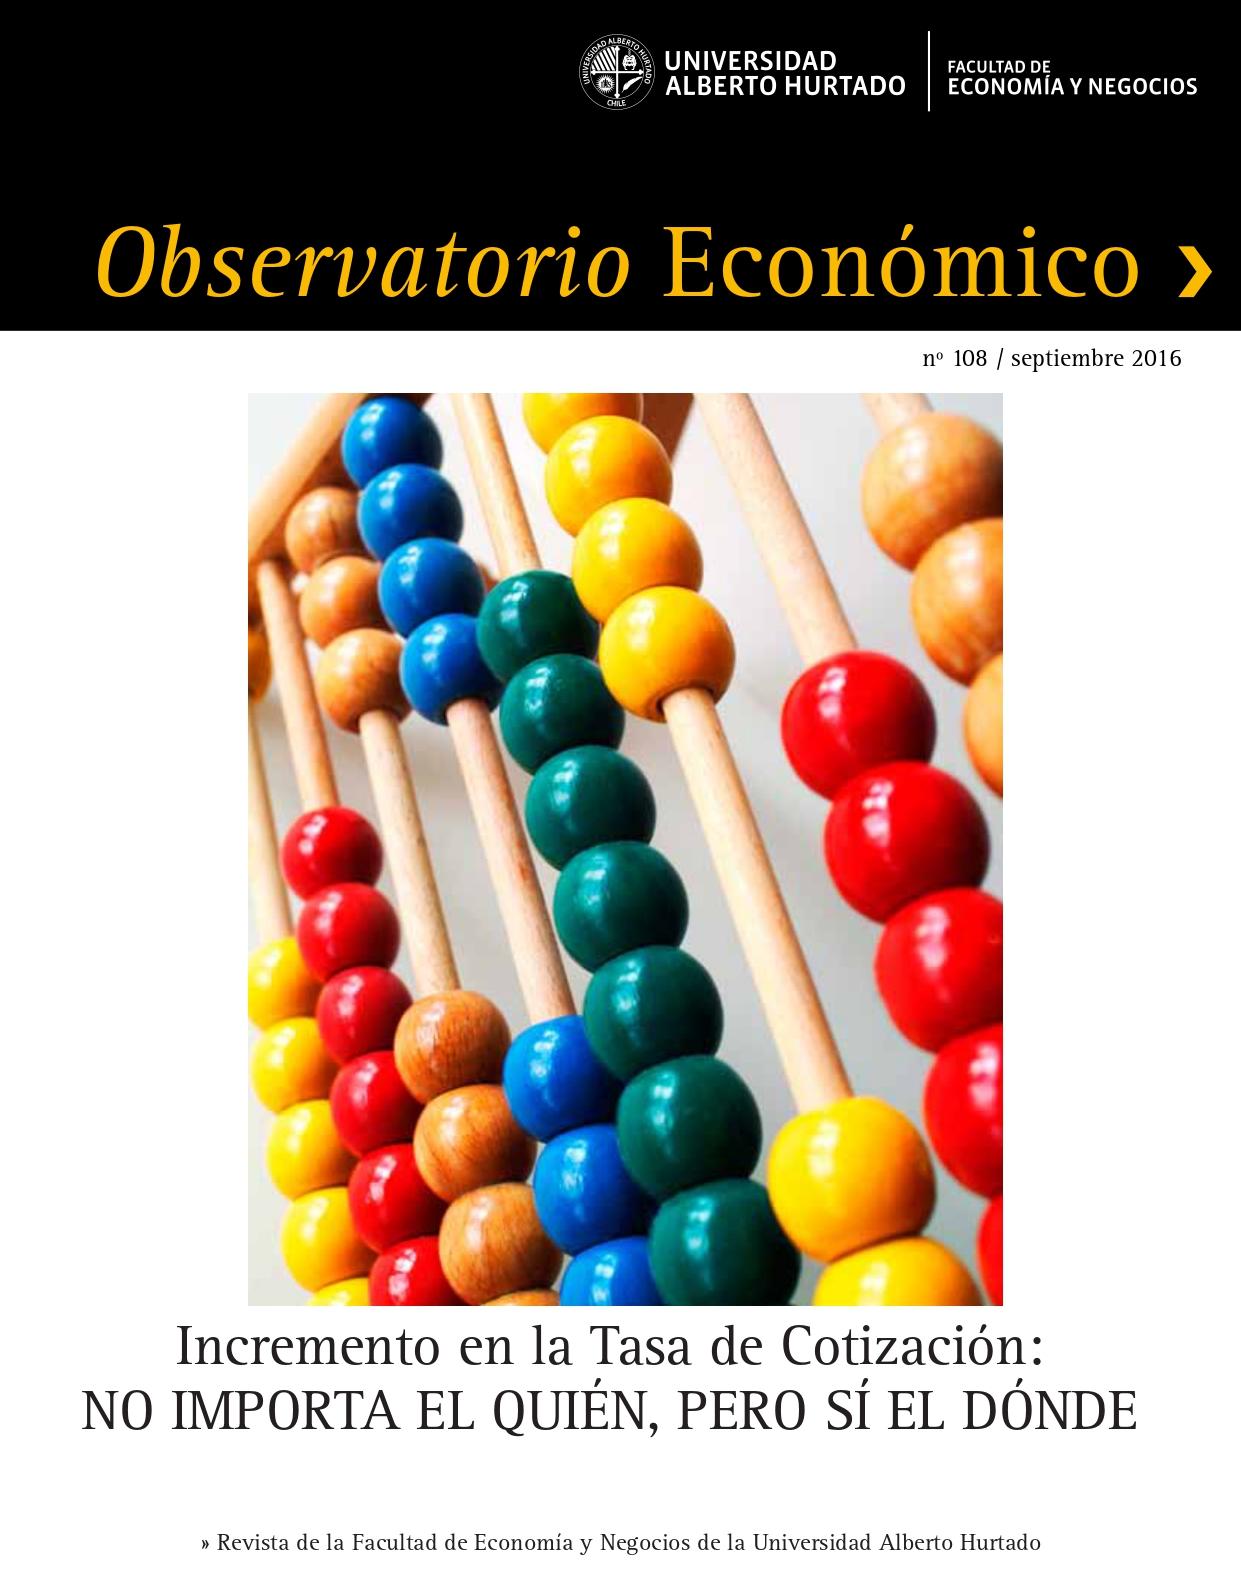 """Título del número de la revista : """"Incremento en la Tasa de Cotización : No importa el quién, pero sí el dónde"""""""